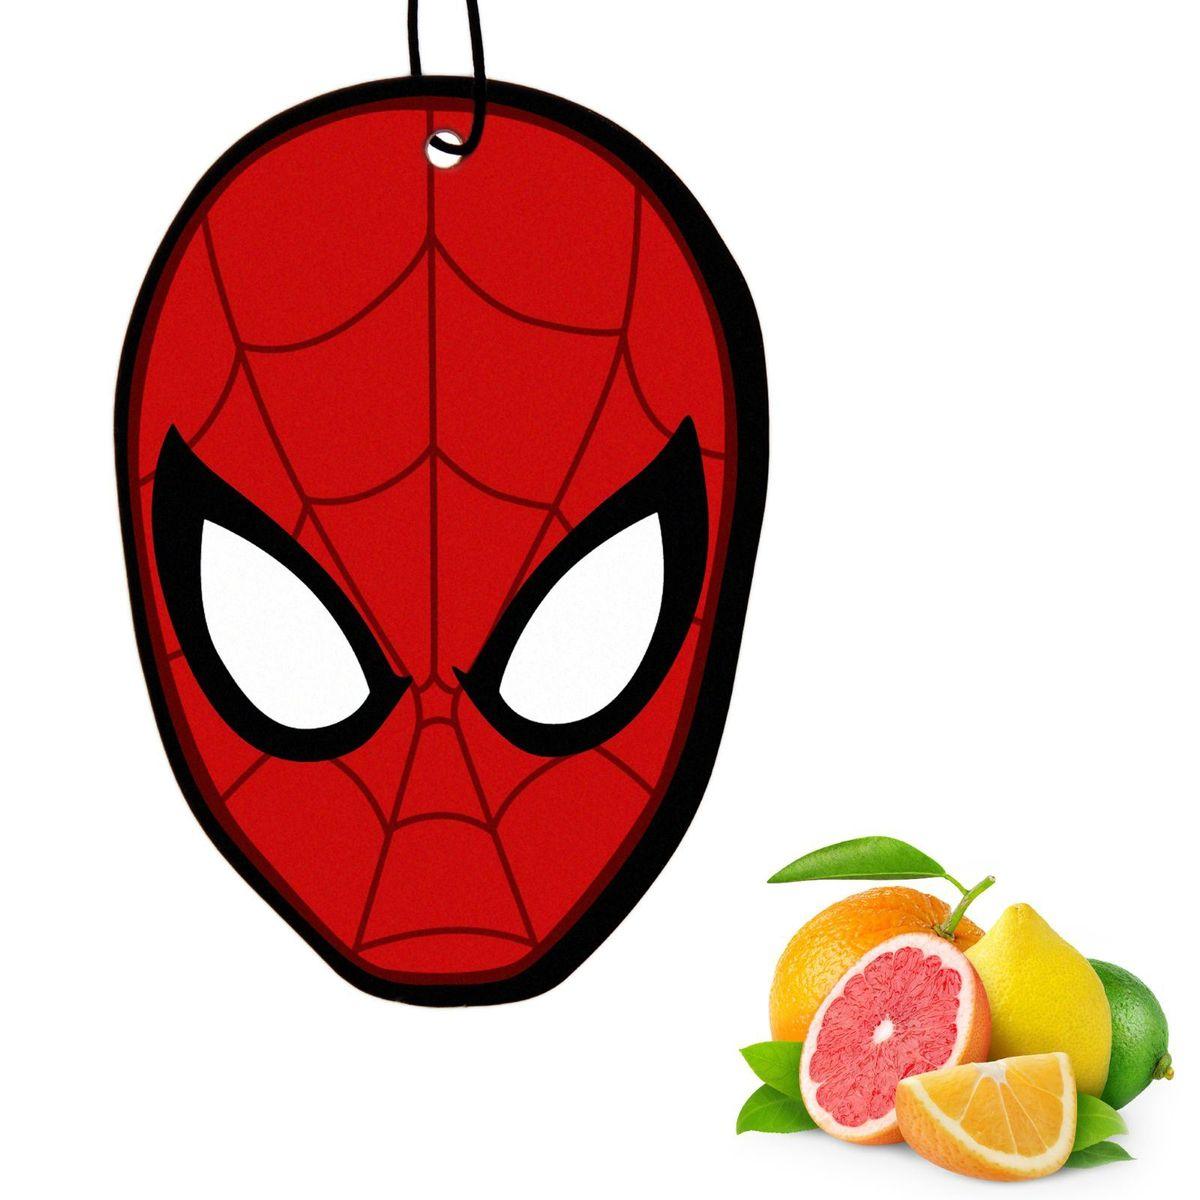 Ароматизатор автомобильный Marvel Spiderman 3. Цитрусовый удар, 8,9 х 15,9 см1149012Яркость в серые городские будни и скучную езду по пробкам добавит ароматизатор Marvel Spiderman 3. Цитрусовый удар. В нем сочетаются эксклюзивный дизайн и приятный аромат. Если у вас нет автомобиля - не беда! Повесьте ароматизатор дома или на работе и наслаждайтесь чудесным благоуханием.